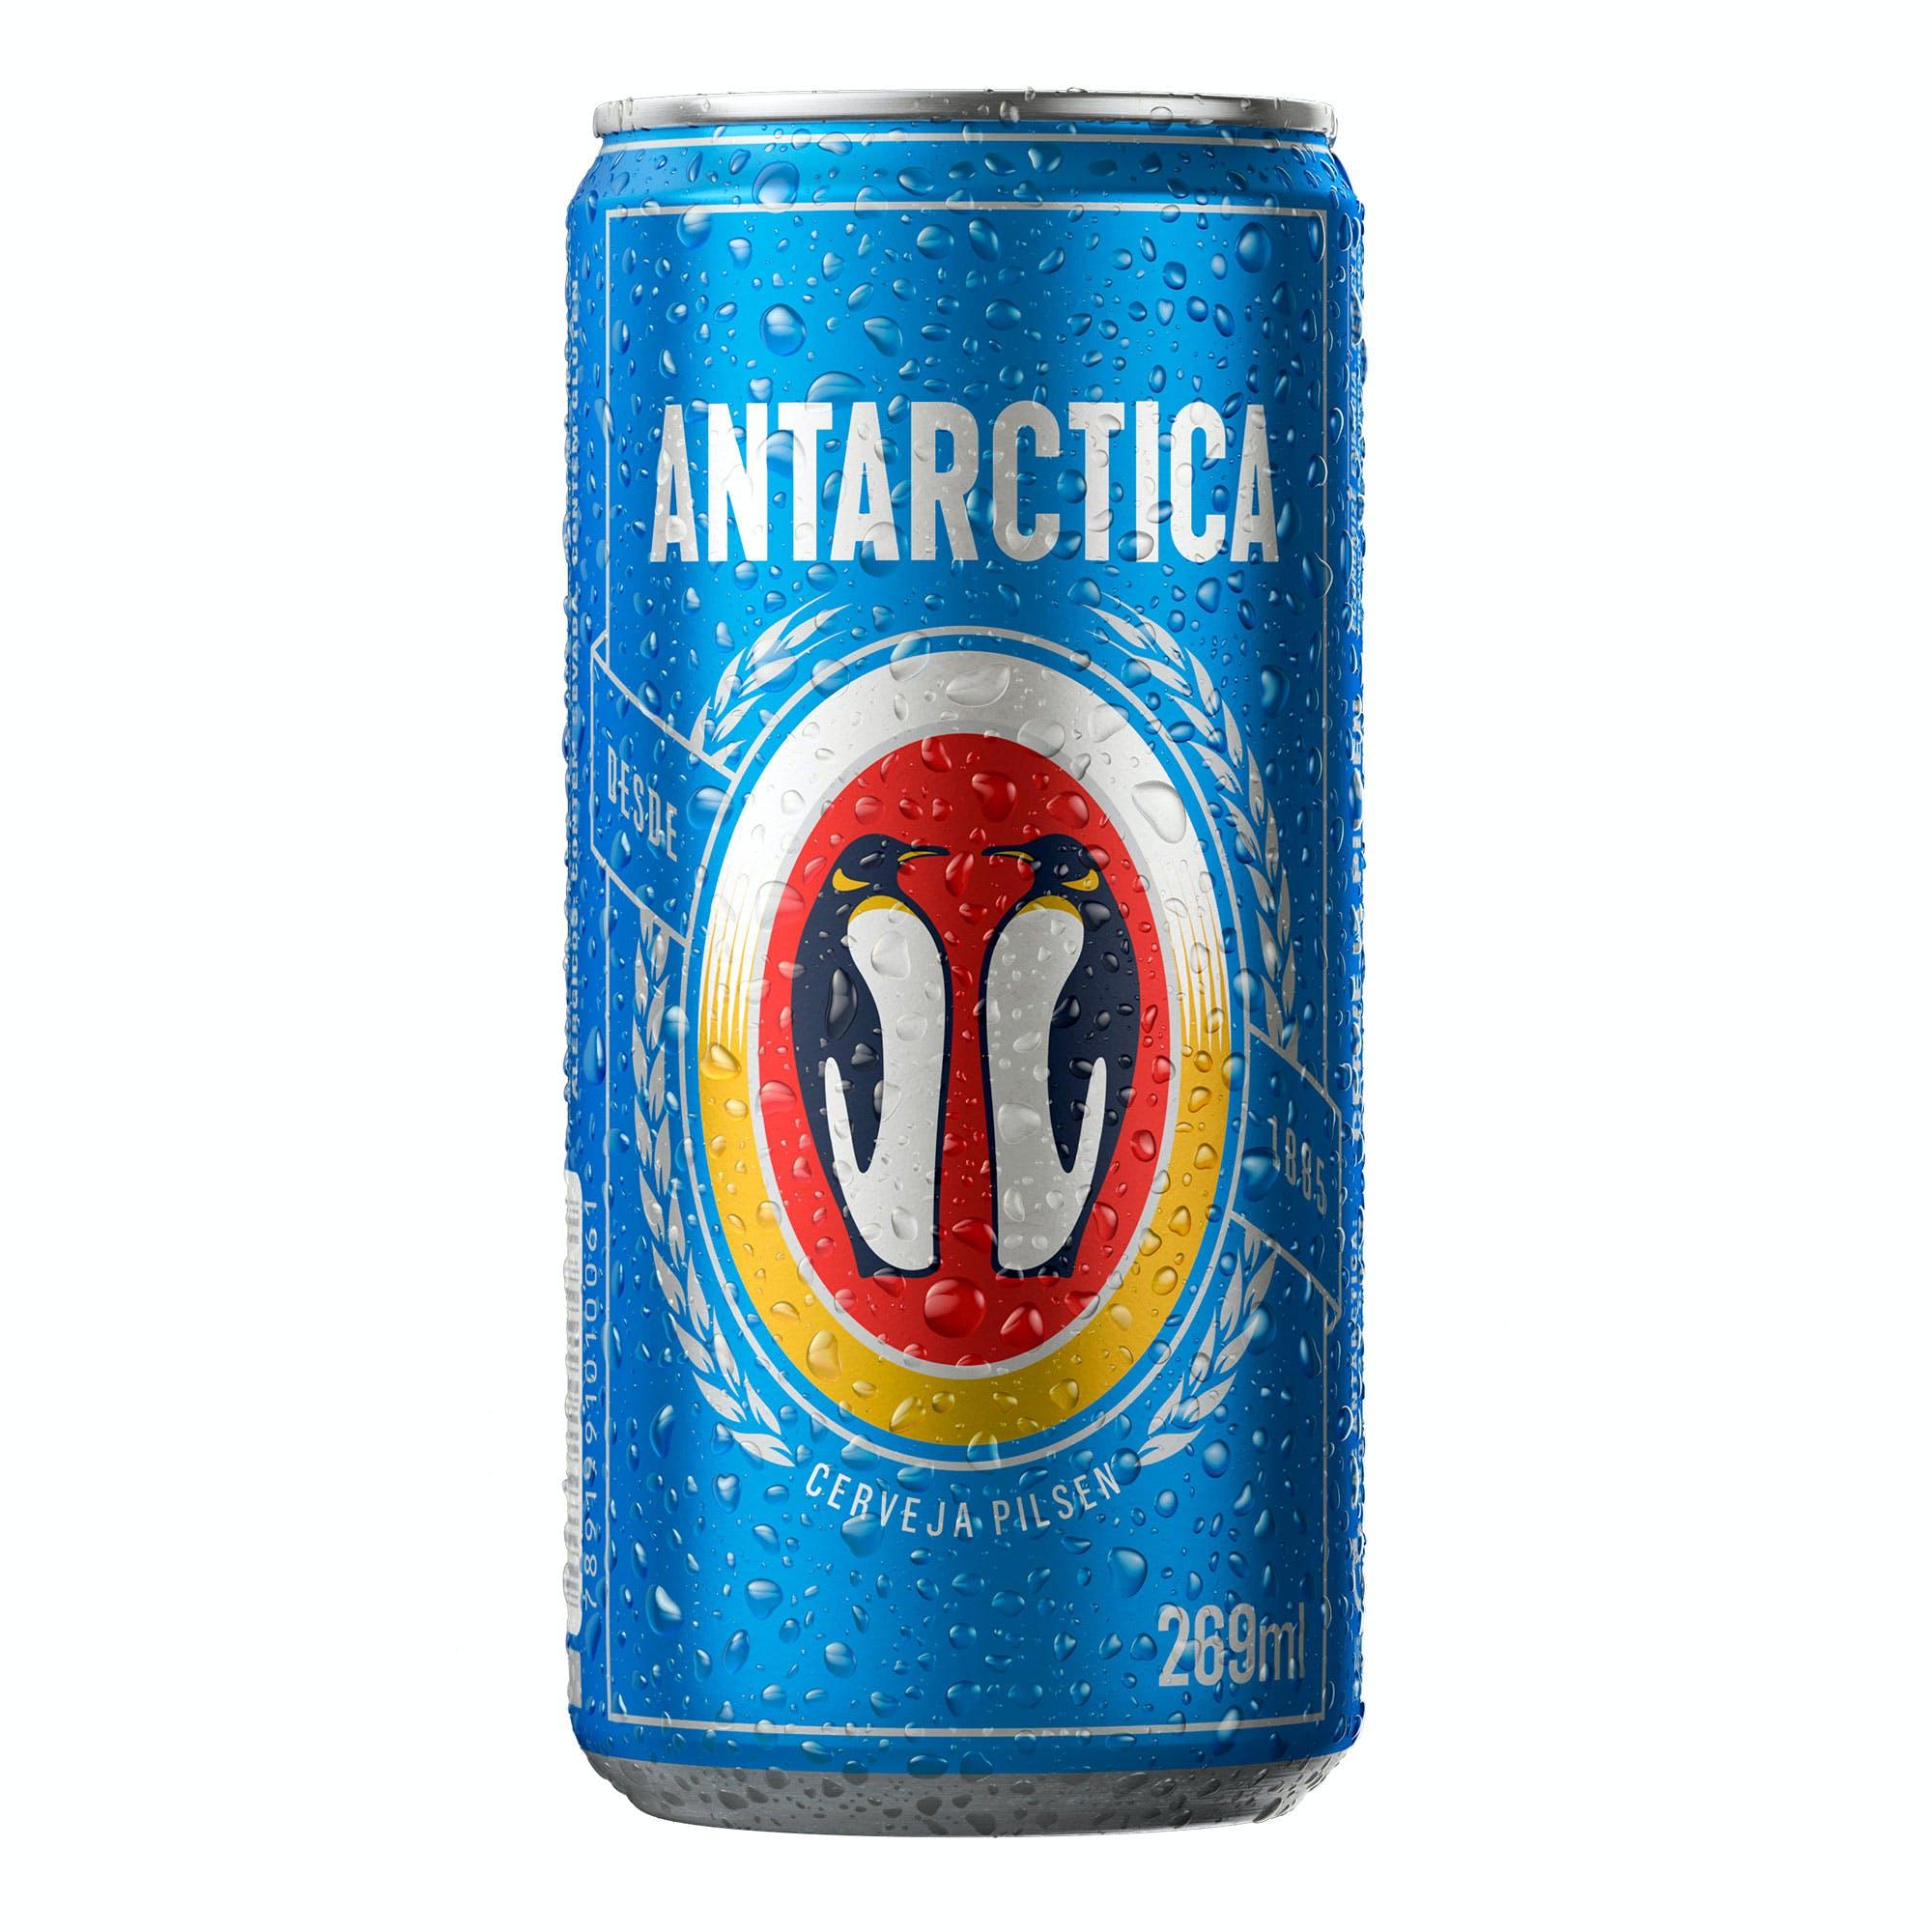 Antarctica Pilsen 269ml